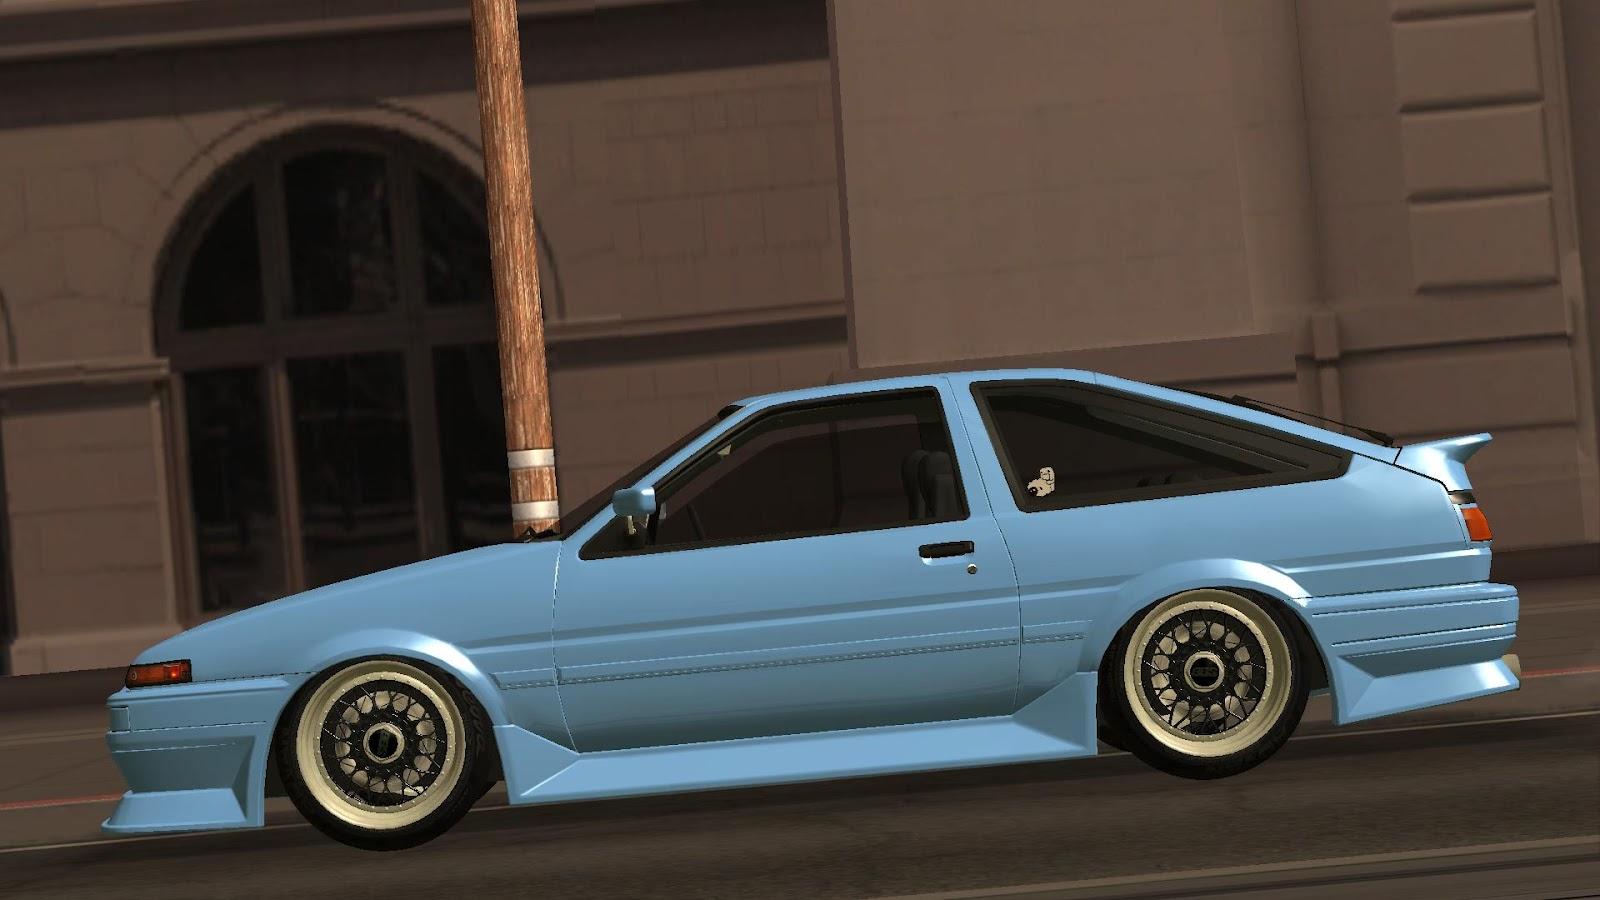 Autos Media: Toyota Sprinter Trueno AE86 JDM